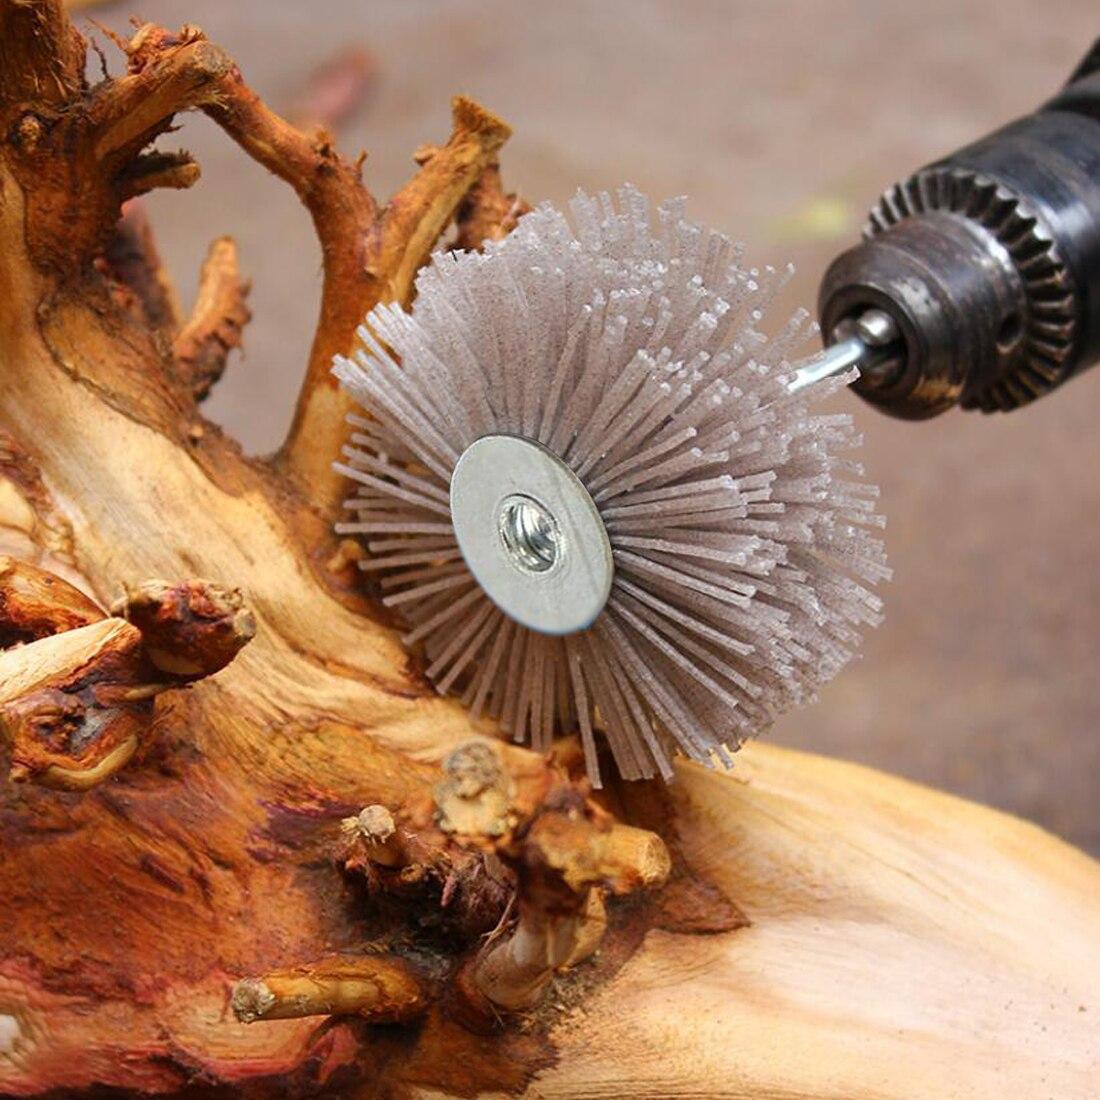 Абразивная проволочная Шлифовальная головка для цветов абразивная нейлоновая шлифовальная щетка для дерева шлифовальная машина для деревянной мебели из красного дерева